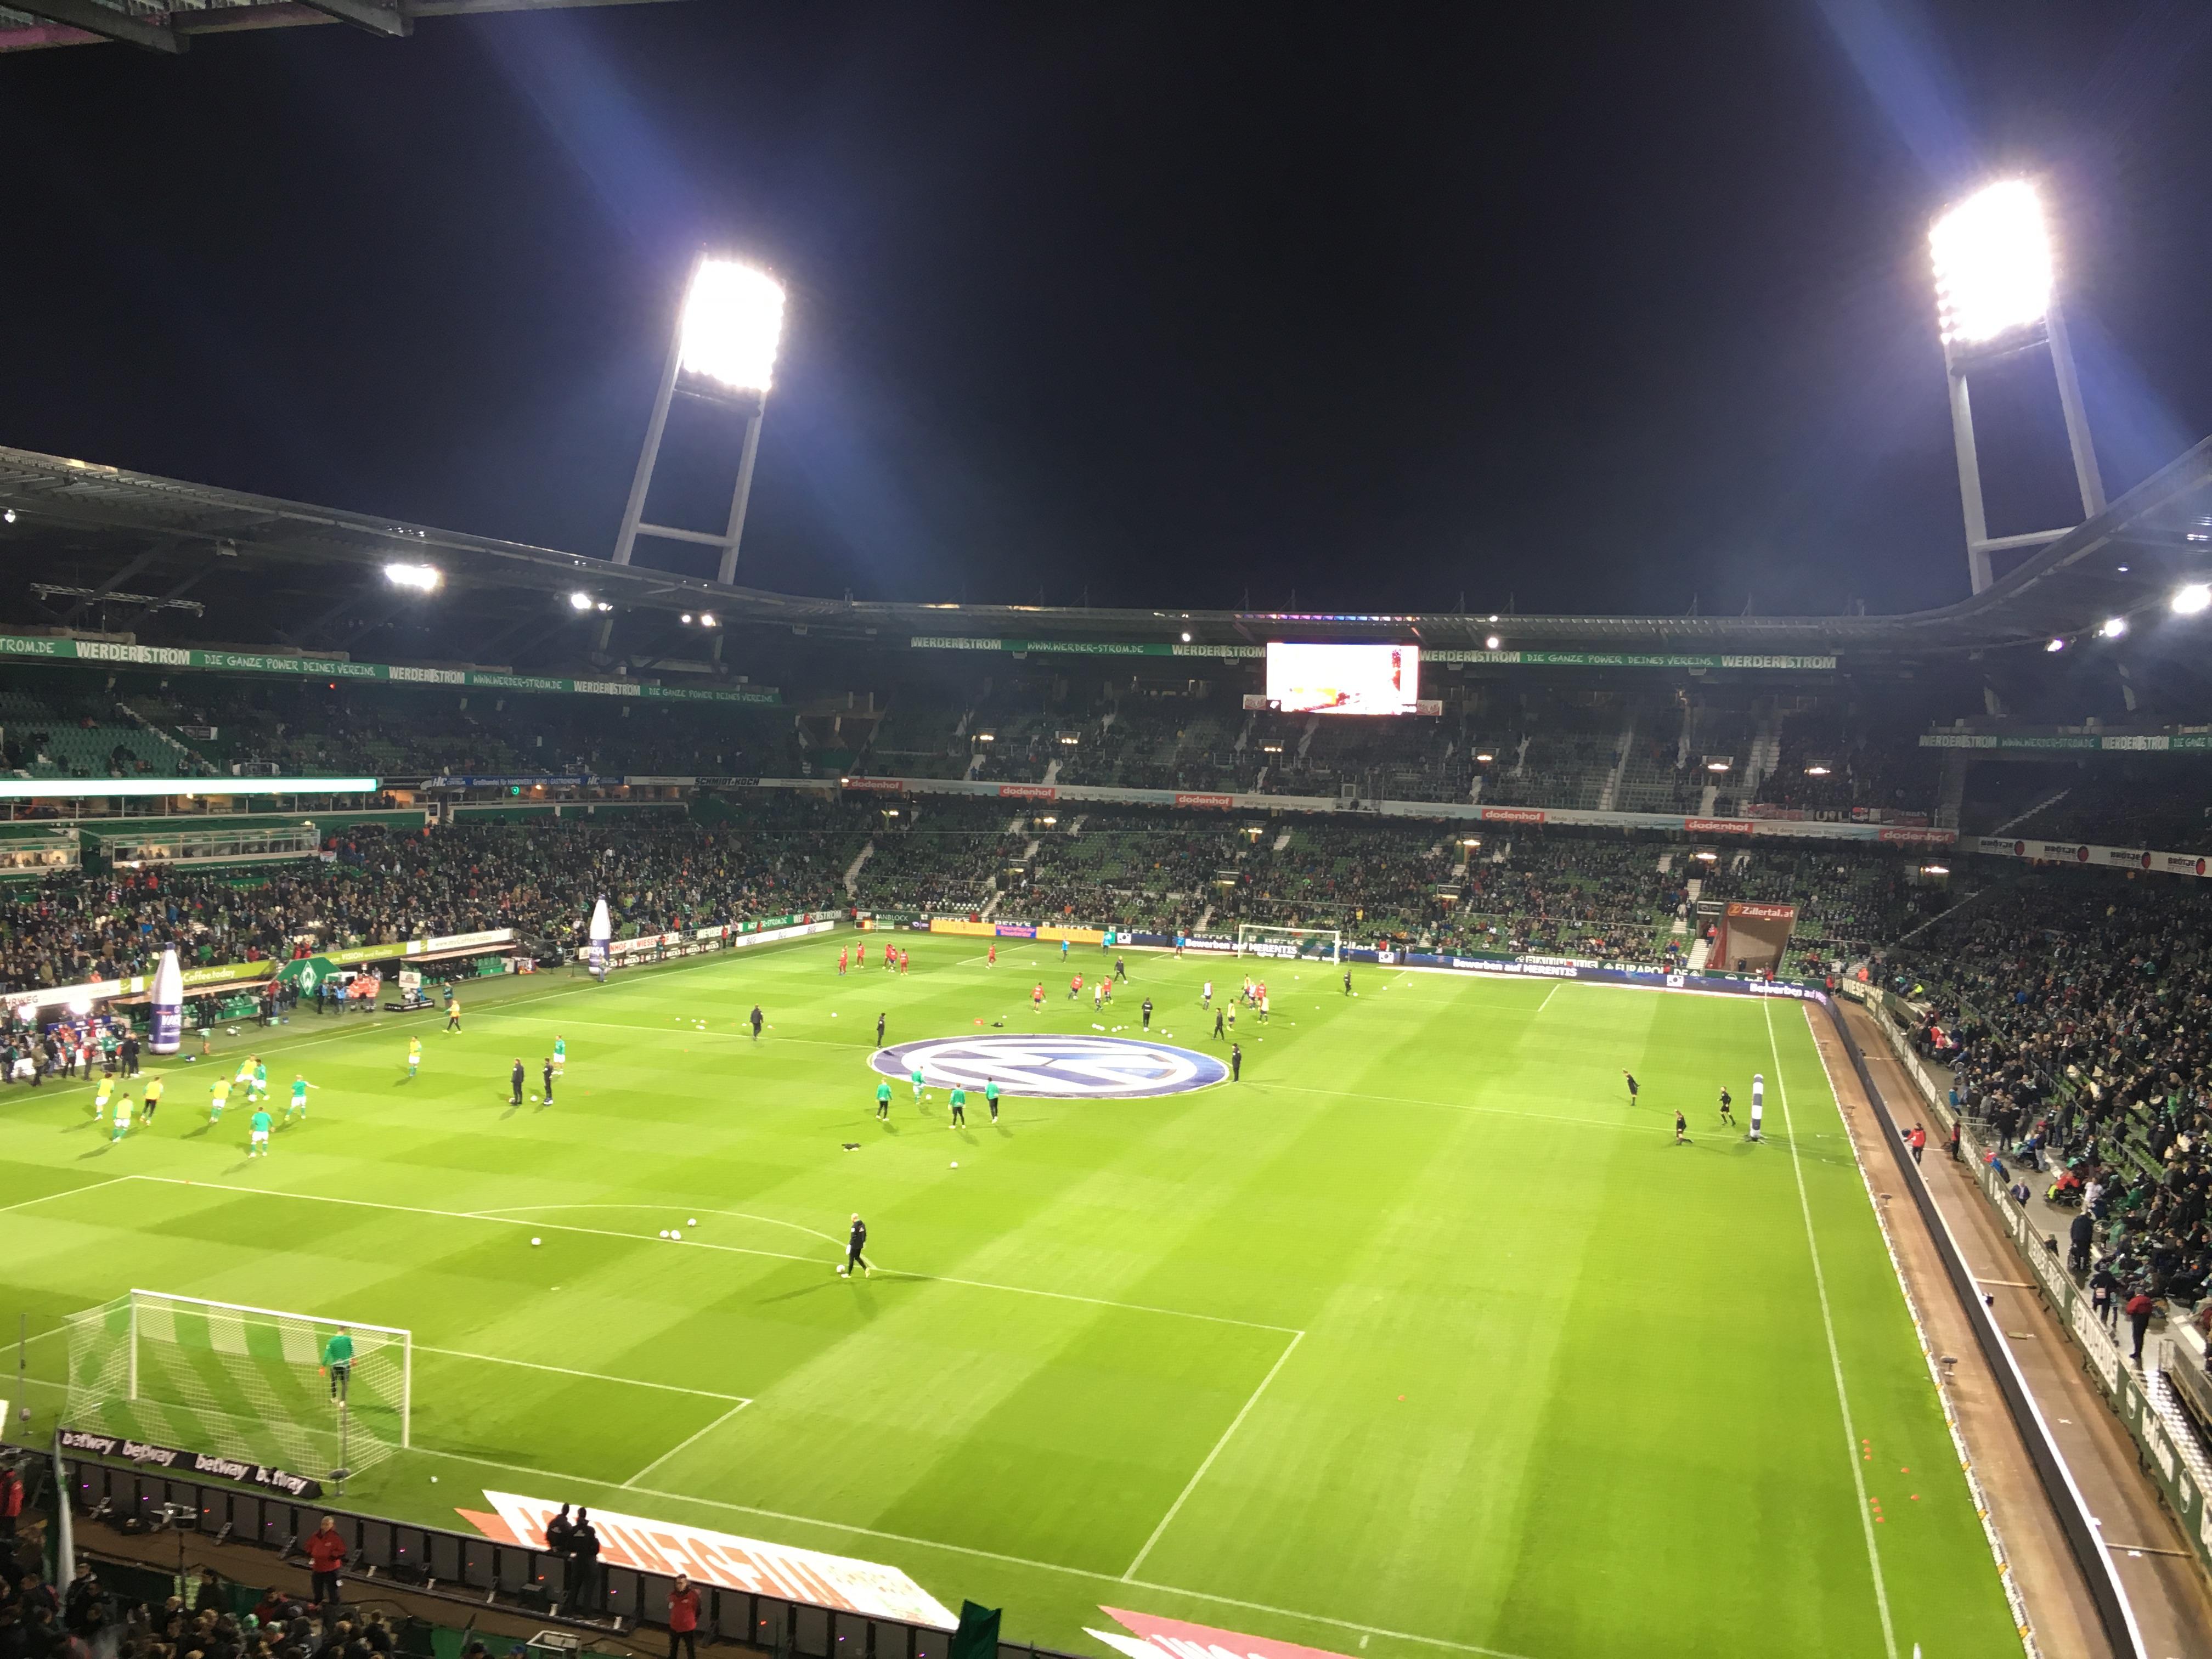 Das Weserstadion in voller Pracht im Flutlicht